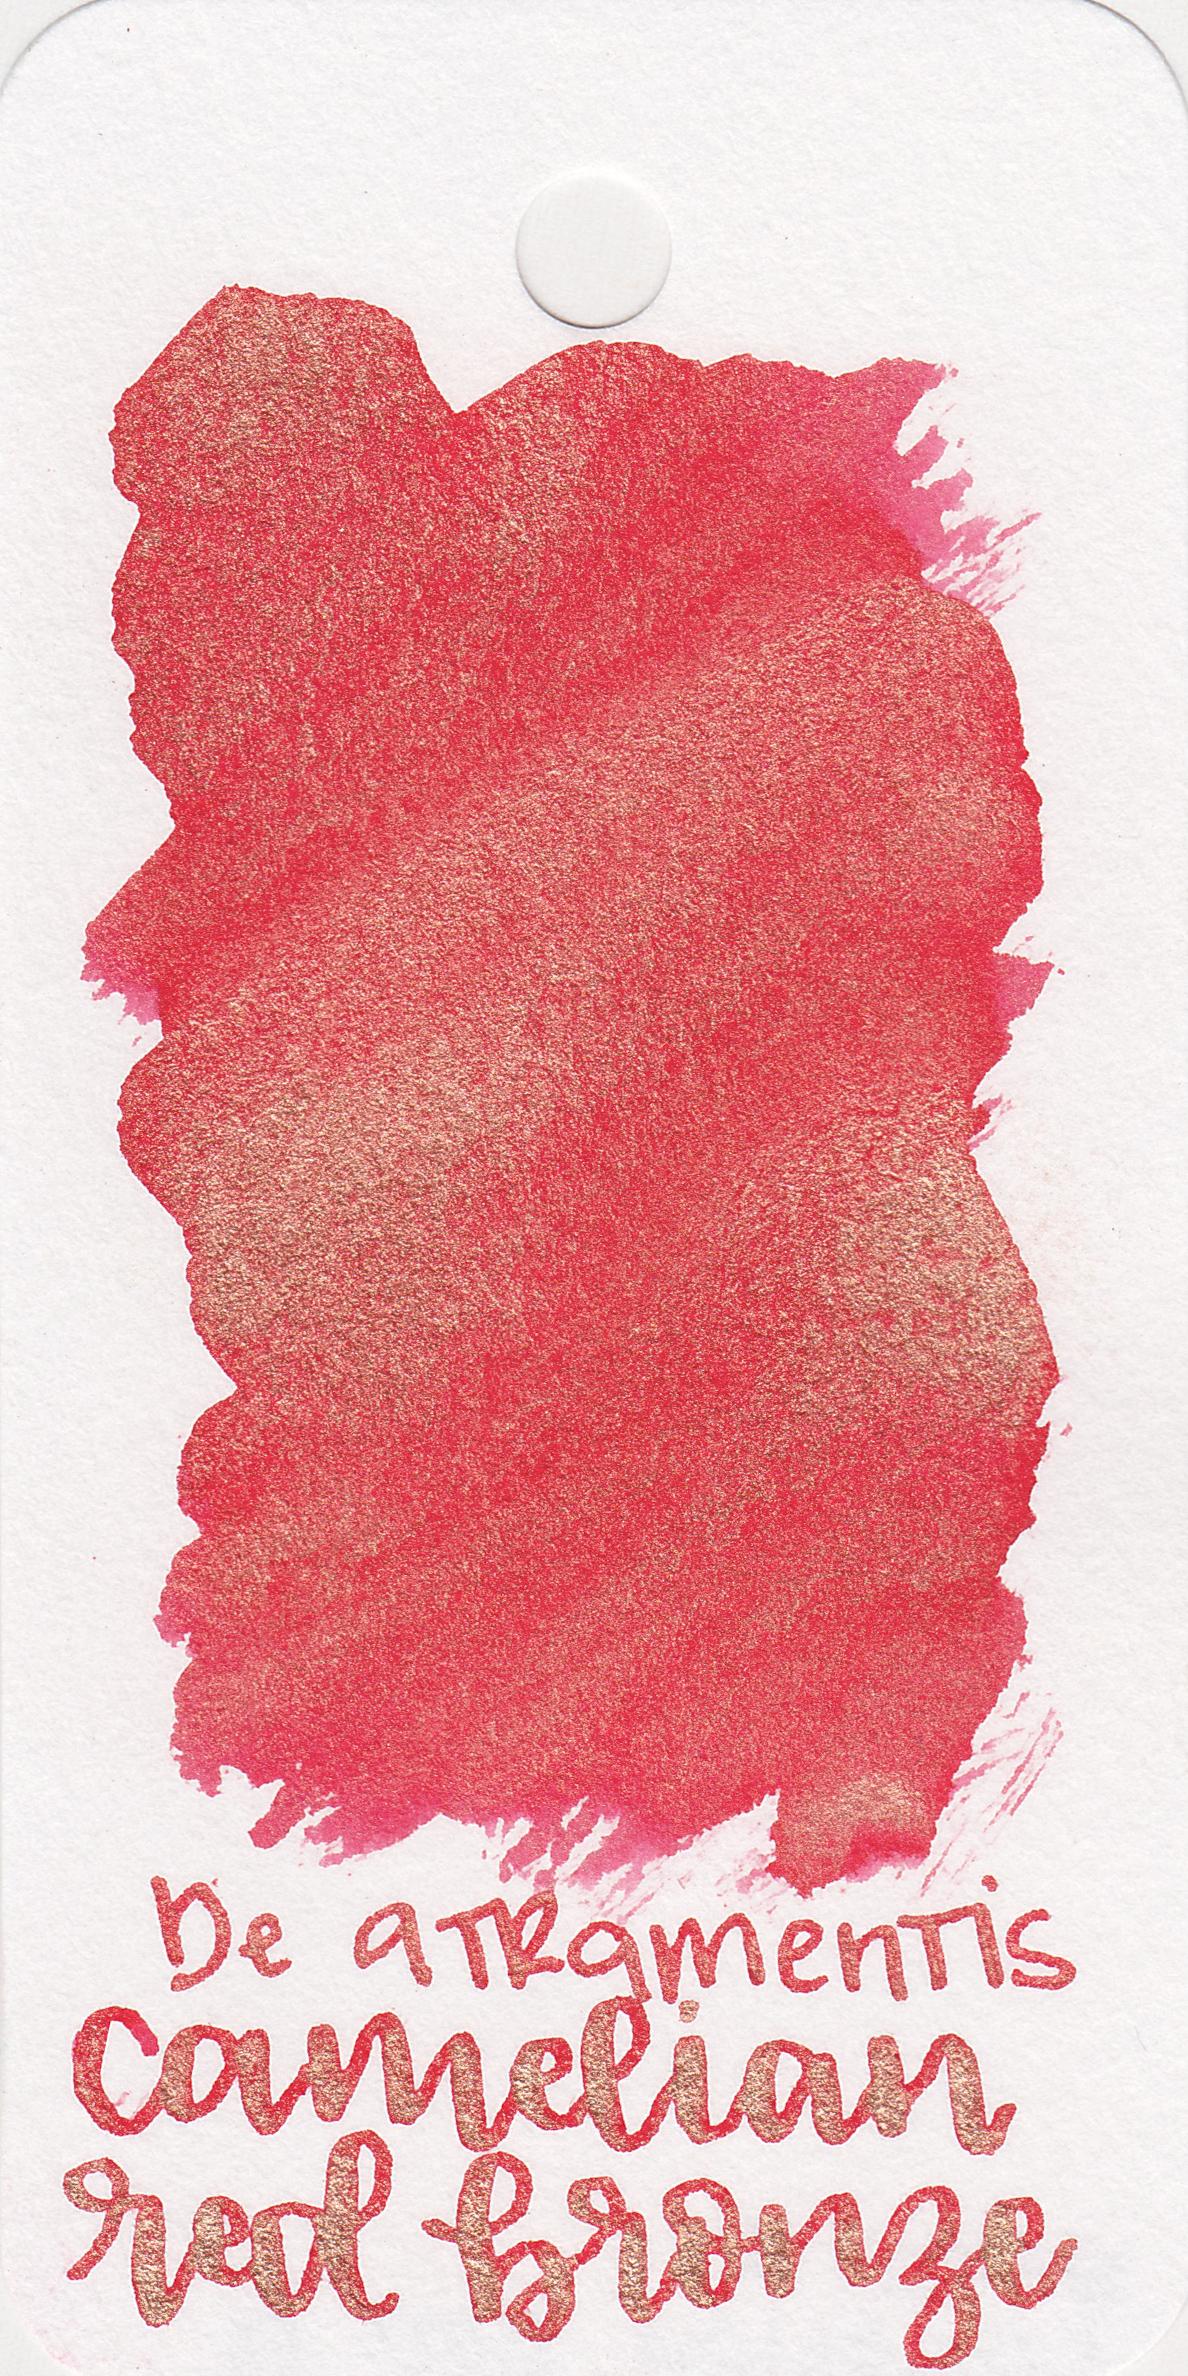 da-camelian-red-bronze-1.jpg